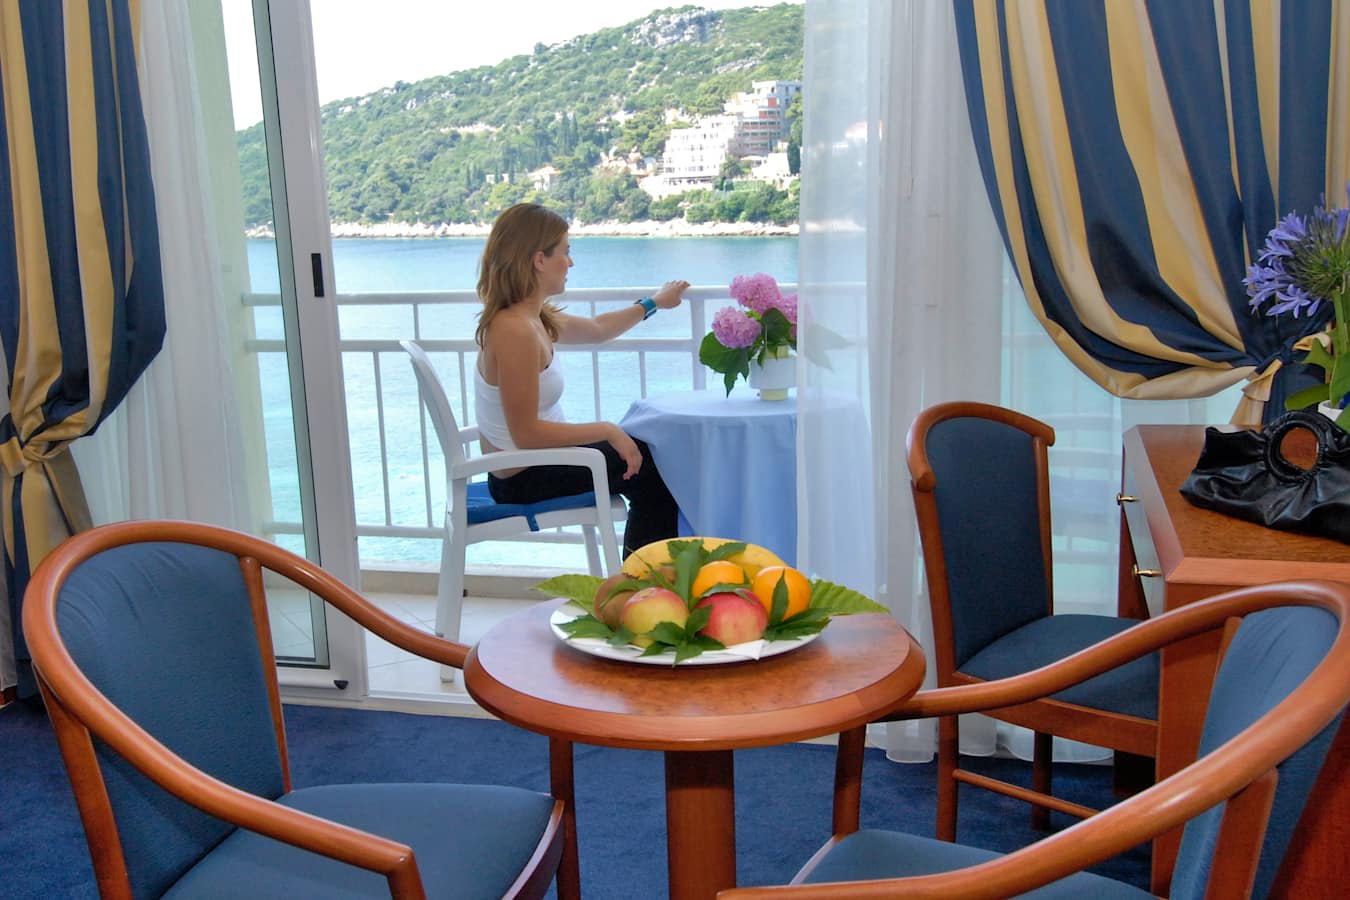 vis-hotel-room-balcony-seaview-viewfromroom.jpg